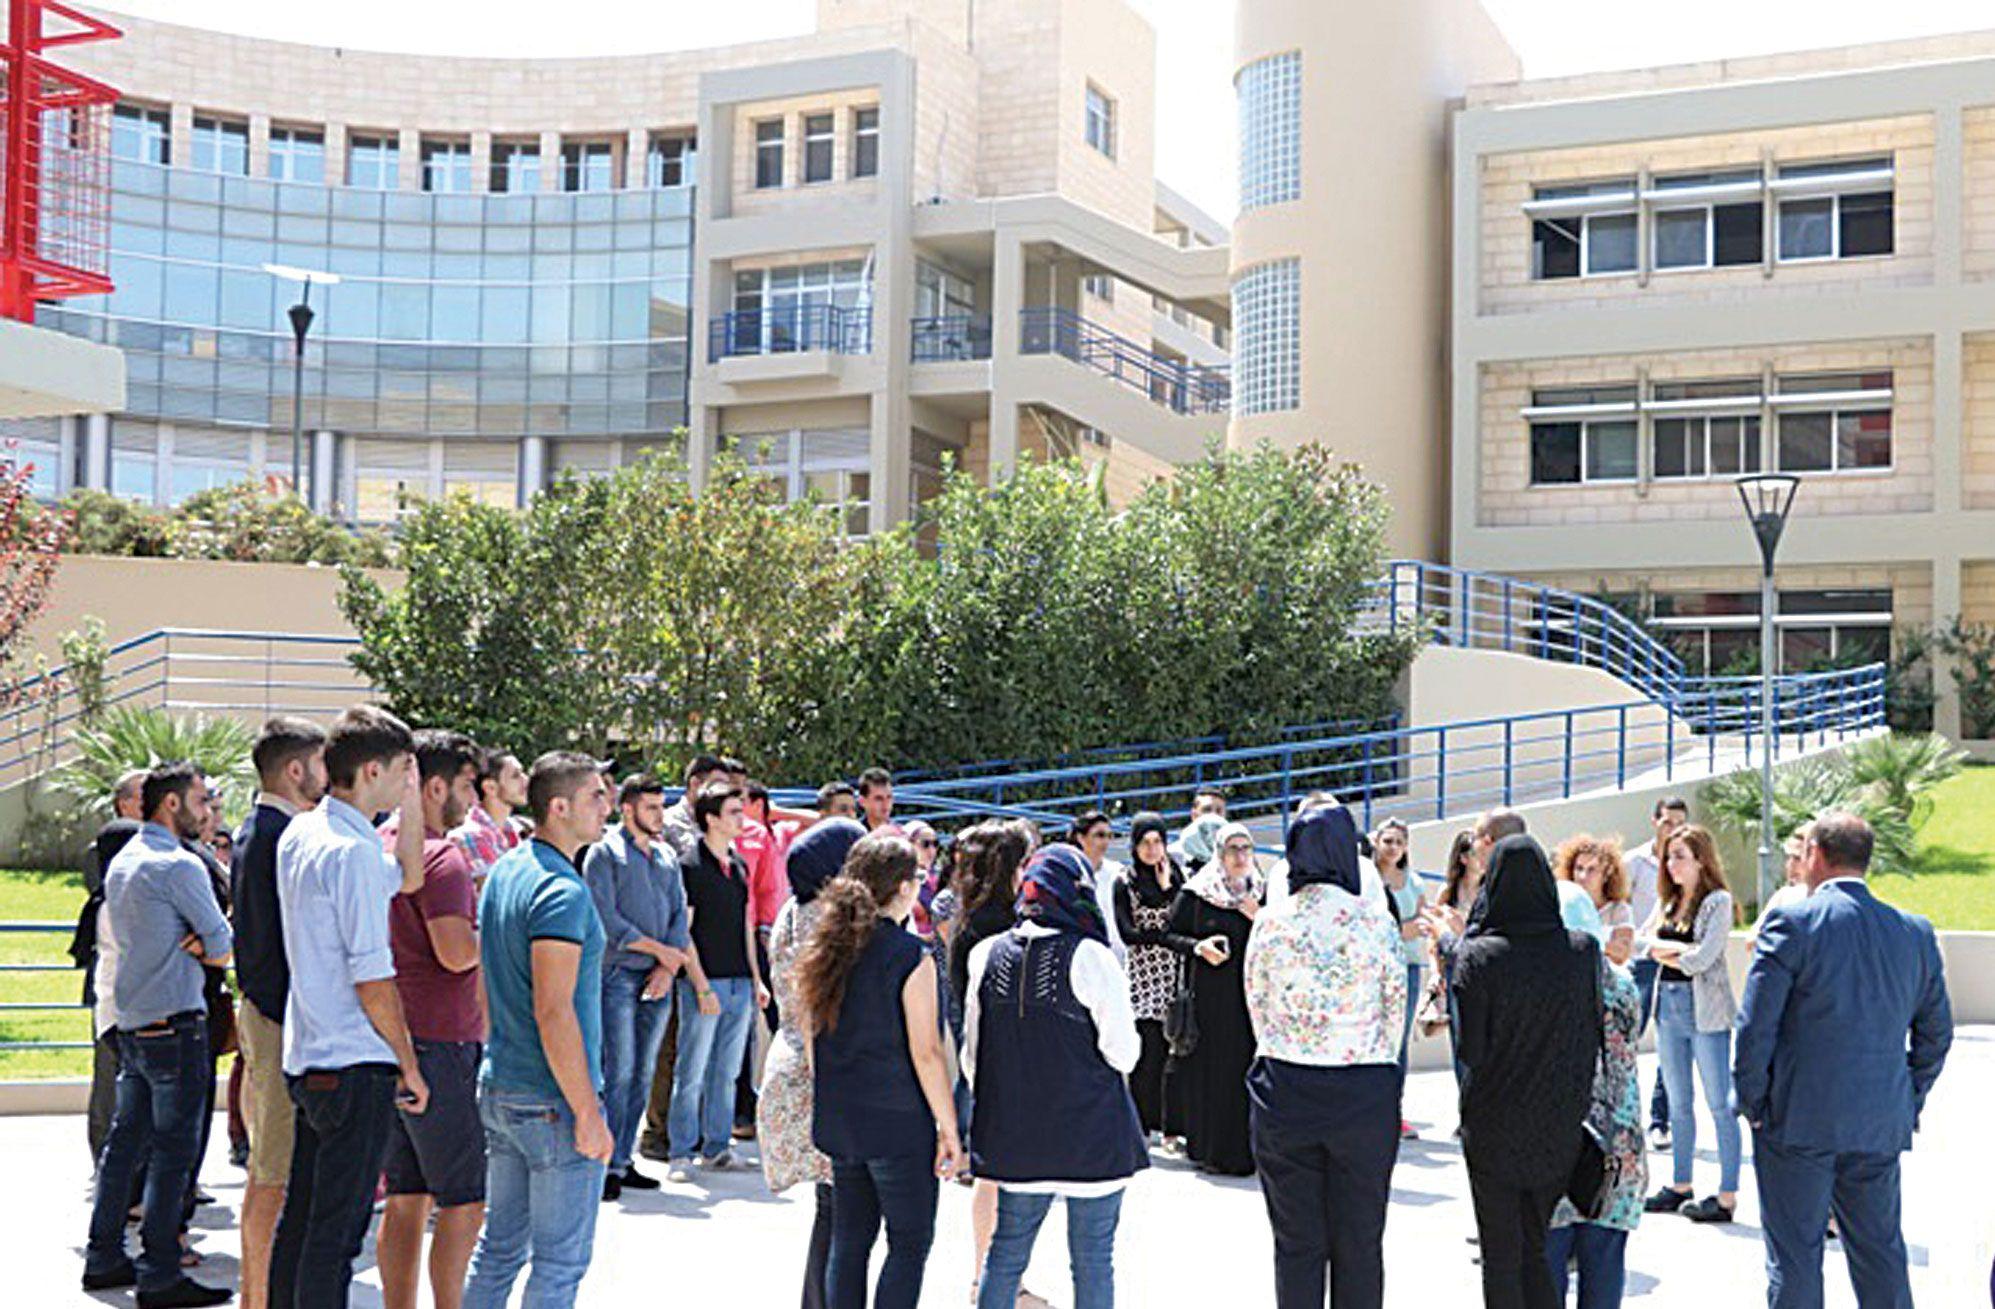 برامج دراسية مستحدثة في جامعة العزم تلبي متطلبات سوق العمل 8230 علم الجريمة اختصاص مستحدث في كلية الفنون والعلوم Street View Scenes Views